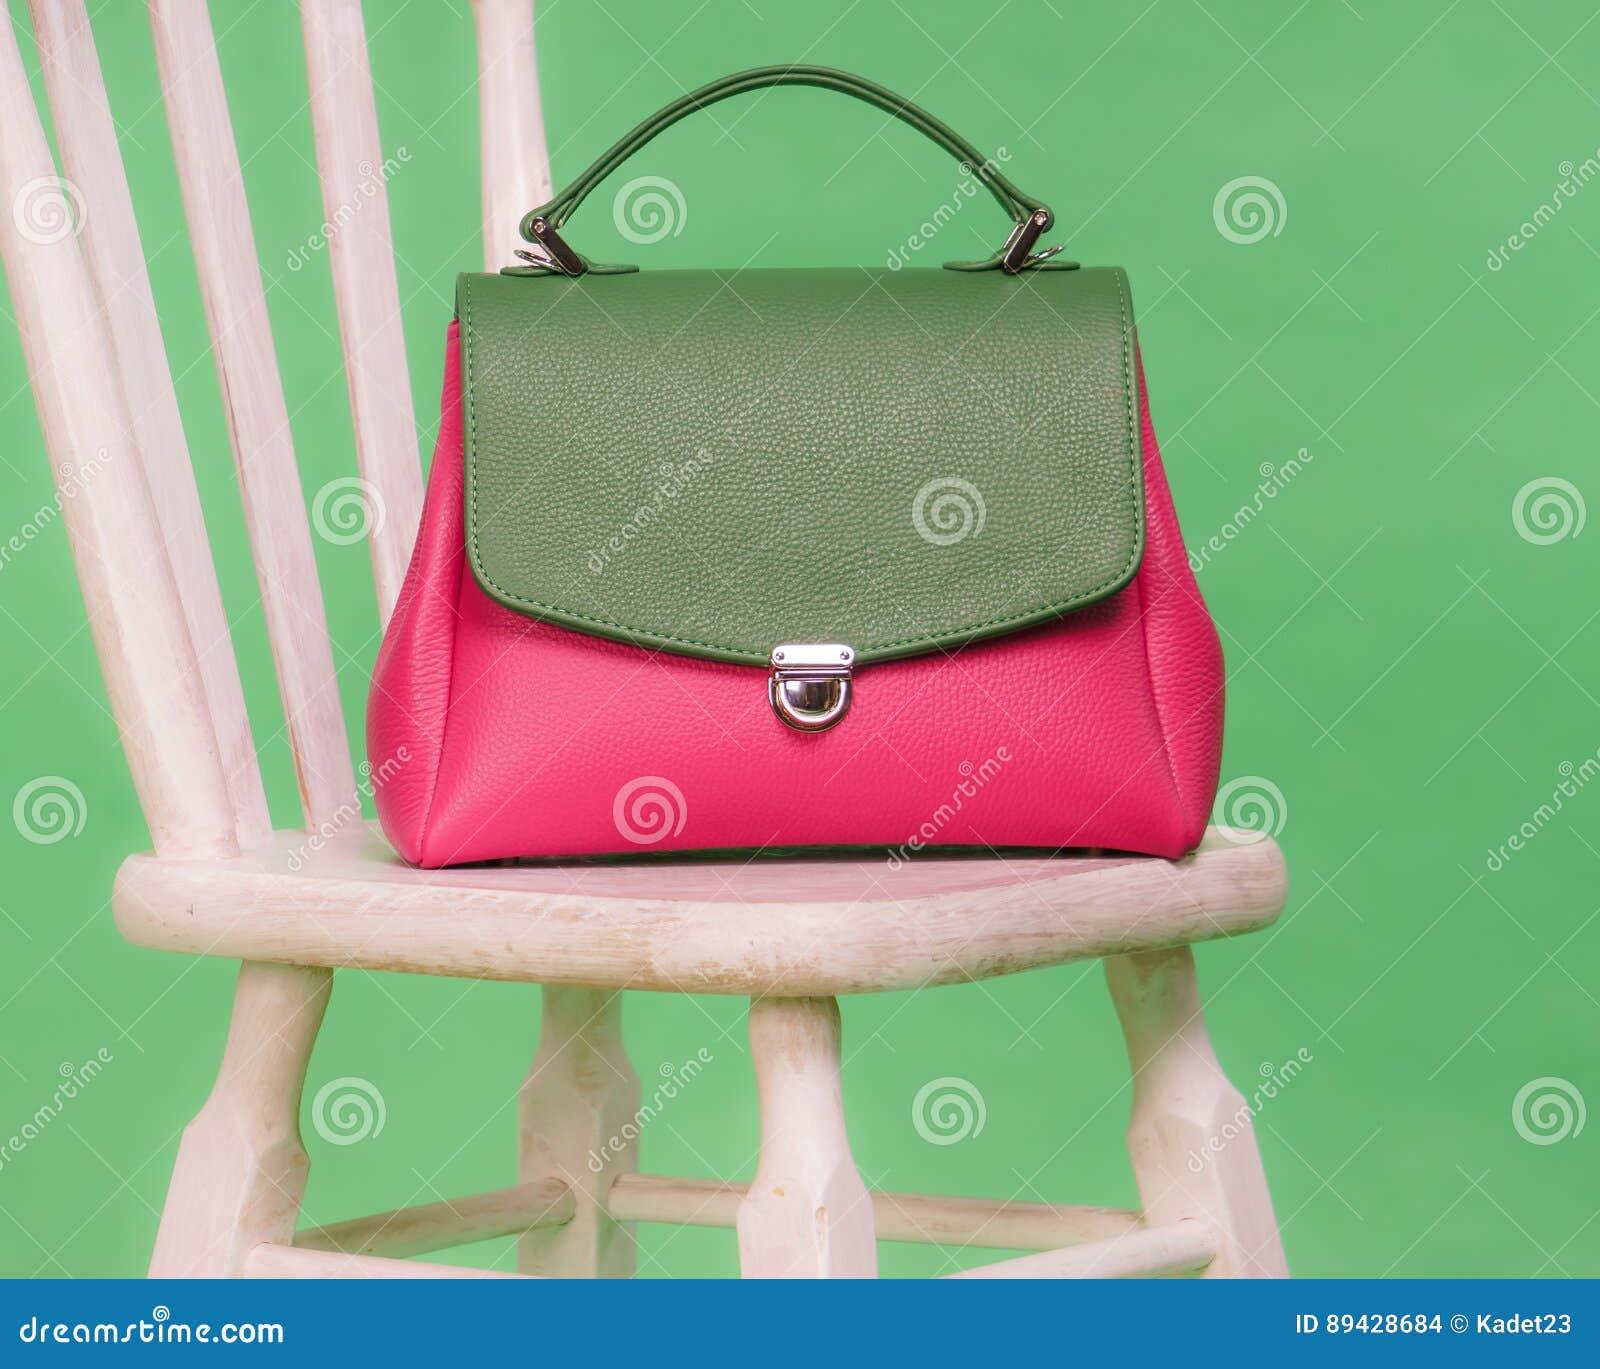 Rosa Und Grüne Frau S Handtasche Die Auf Einem Stuhl Steht